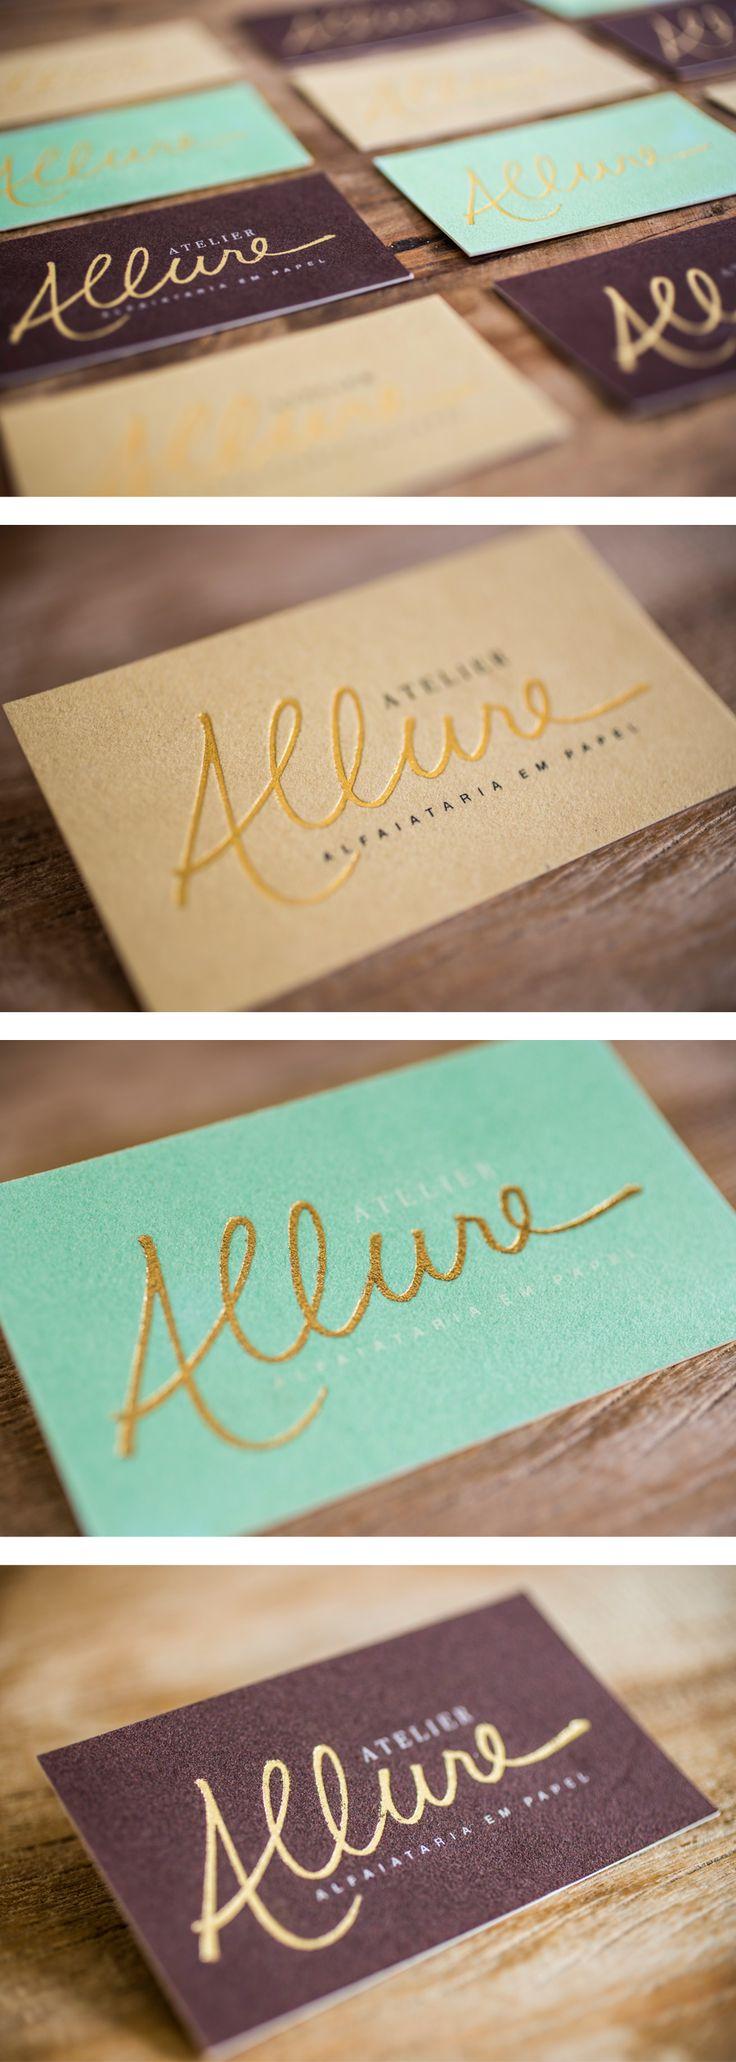 Cartão de visitas em papel camurça, hot stamping ouro e silk. Business card : leather paper, gold foil and silk screen